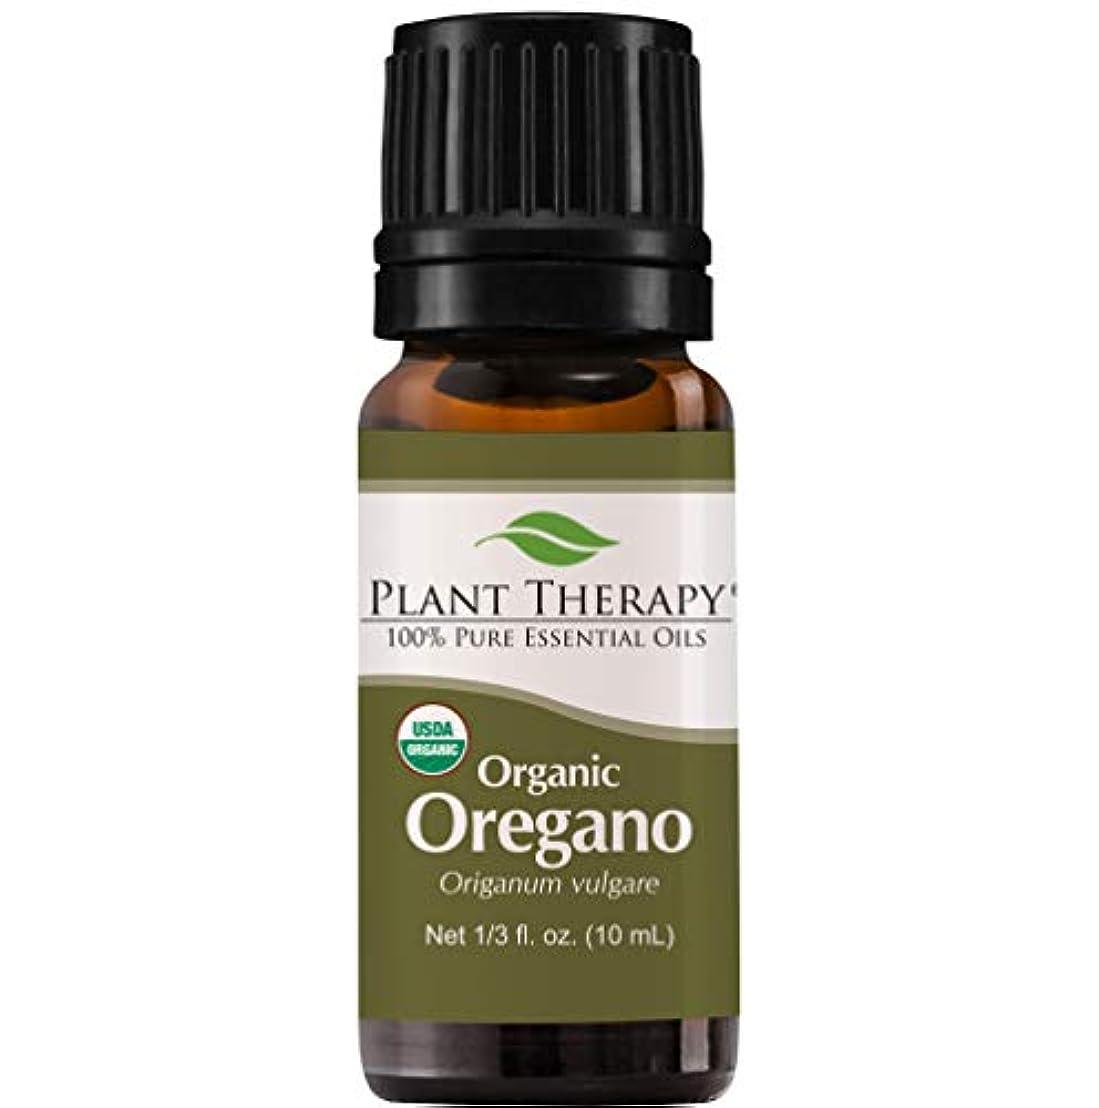 石鹸気楽な困惑したUSDA Certified Organic Oregano Essential Oil. 10 ml (1/3 oz). 100% Pure, Undiluted, Therapeutic Grade. by Plant...